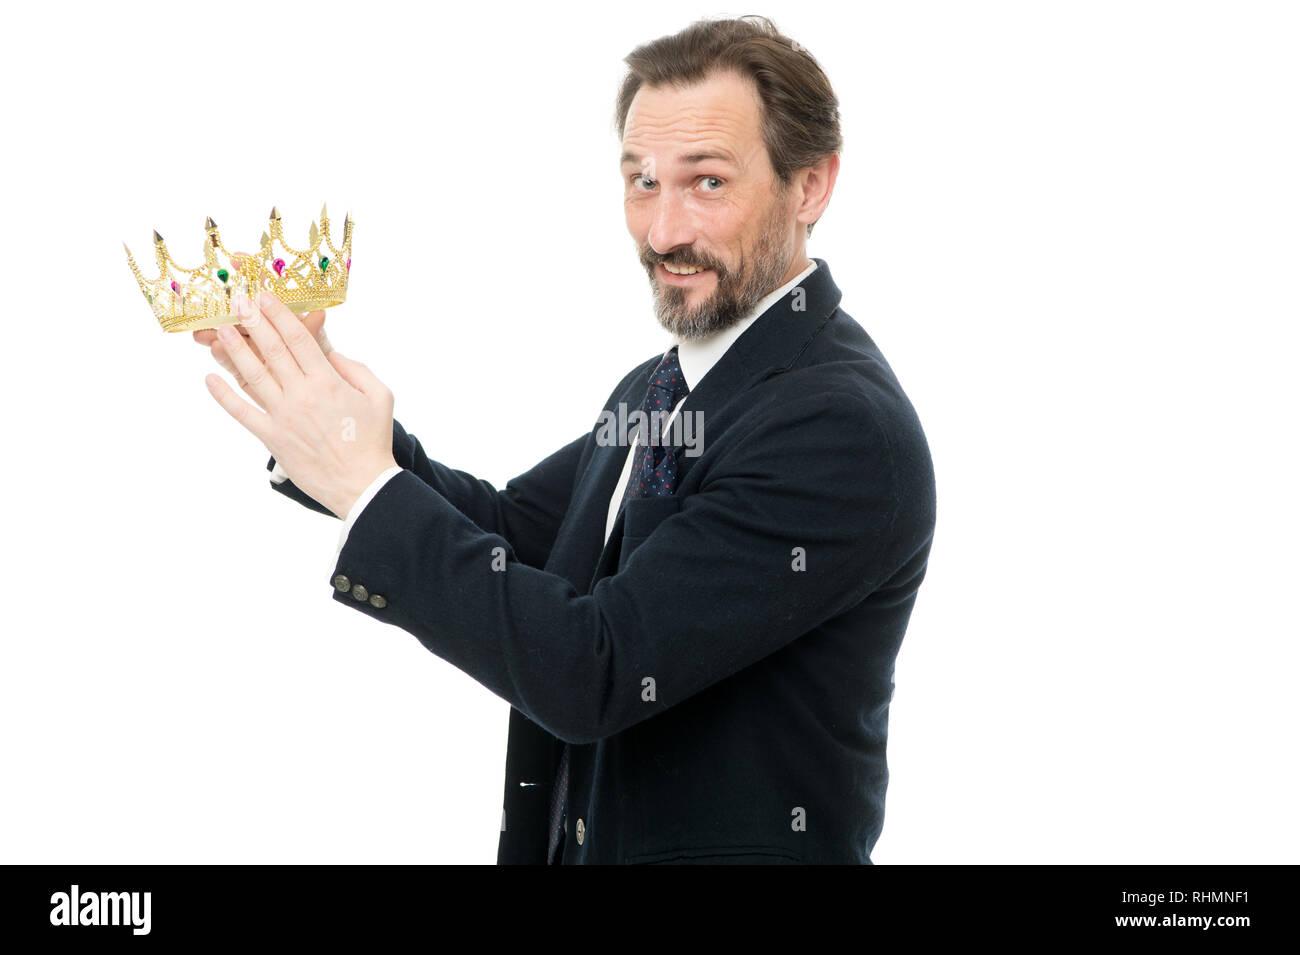 Diventare il prossimo re. Monarchia tradizioni familiari. Re attributo. Natura uomo barbuto ragazzo in tuta tenere Golden crown simbolo della monarchia. La linea diretta al trono. Enorme privilegio. Diventa il re della cerimonia. Immagini Stock